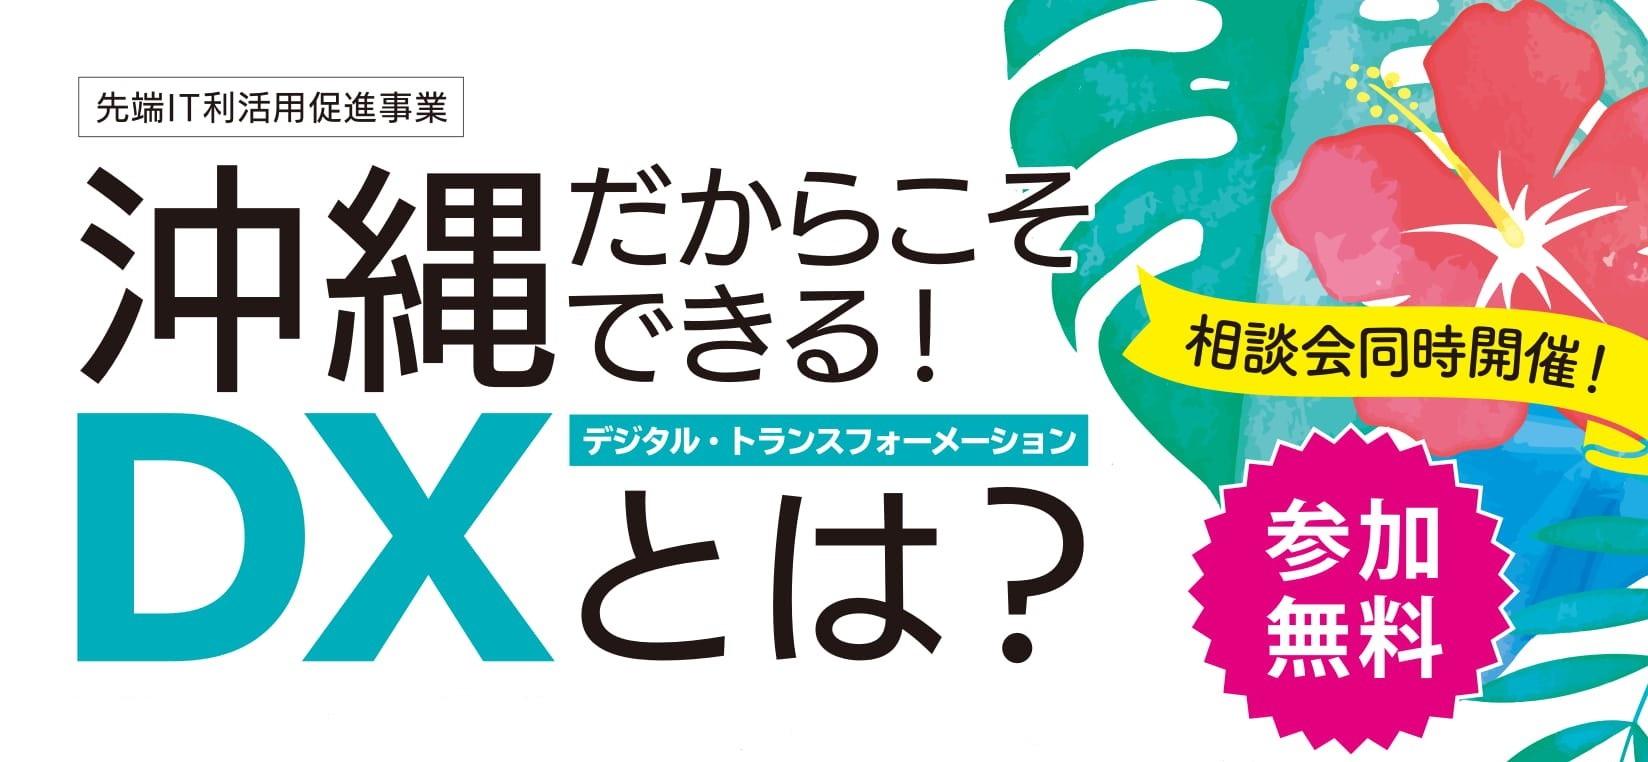 沖縄だからこそできるDXとは?